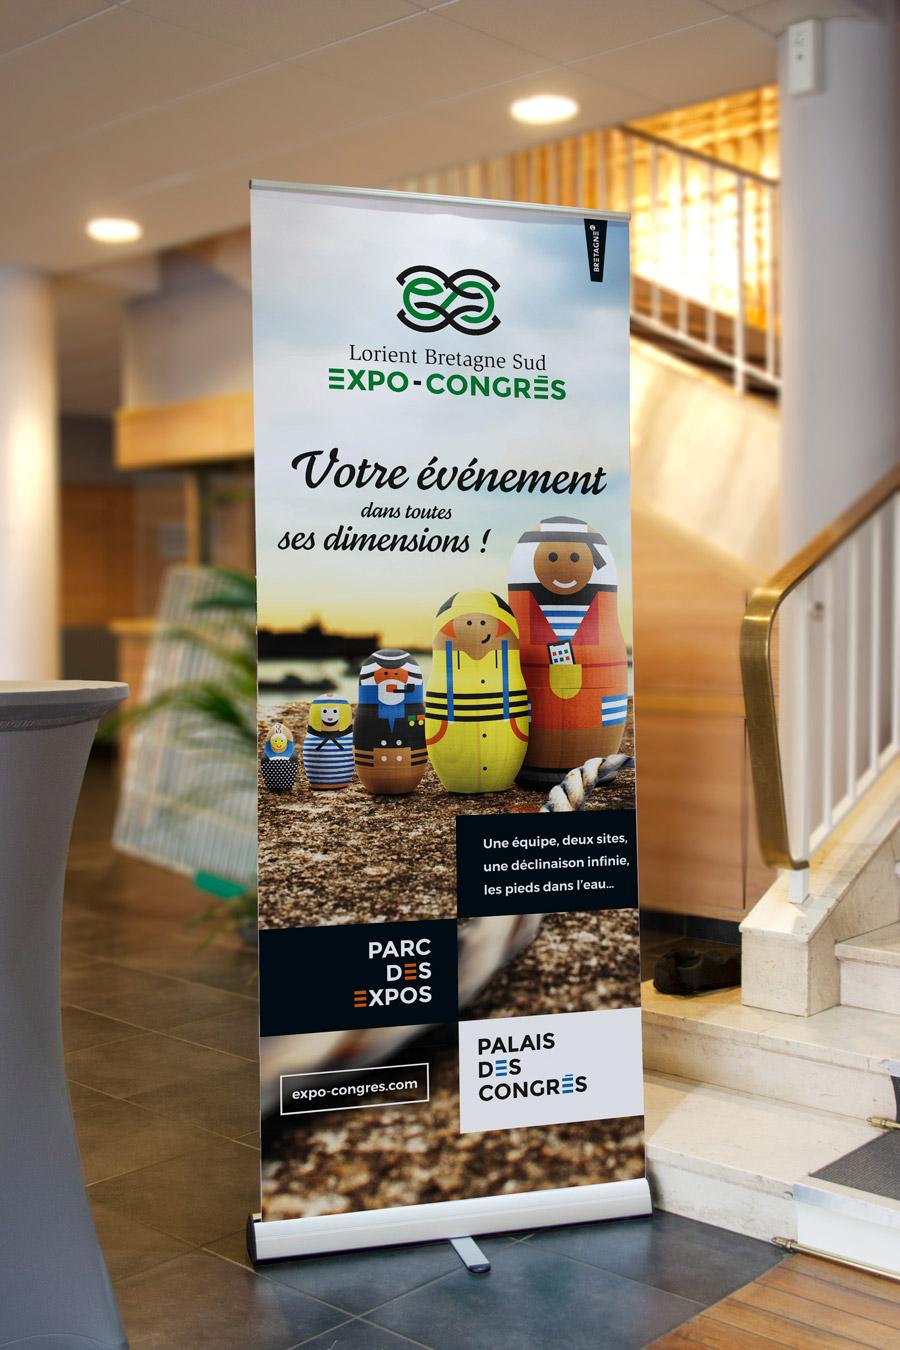 rollup Expo-Congrès Lorient bretagne sud